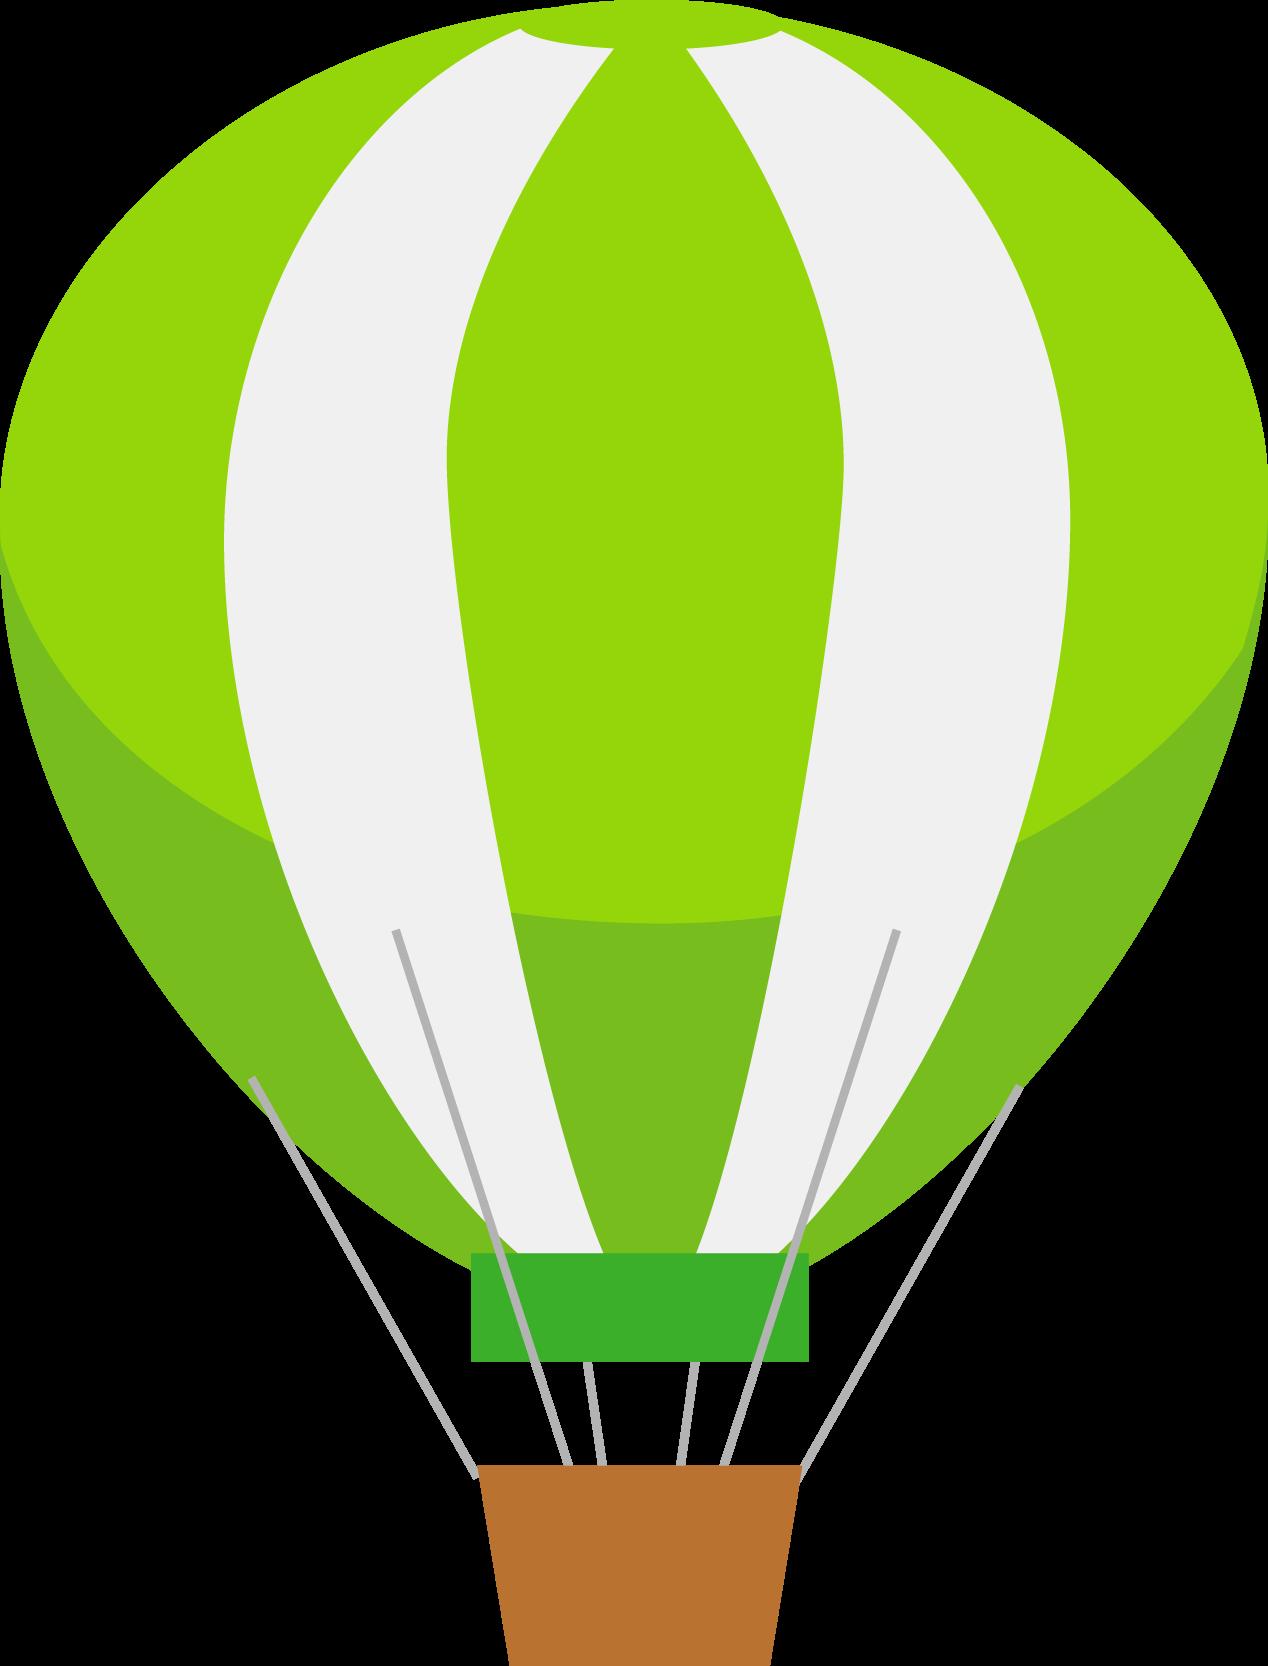 Green Hot Air Baloon Image